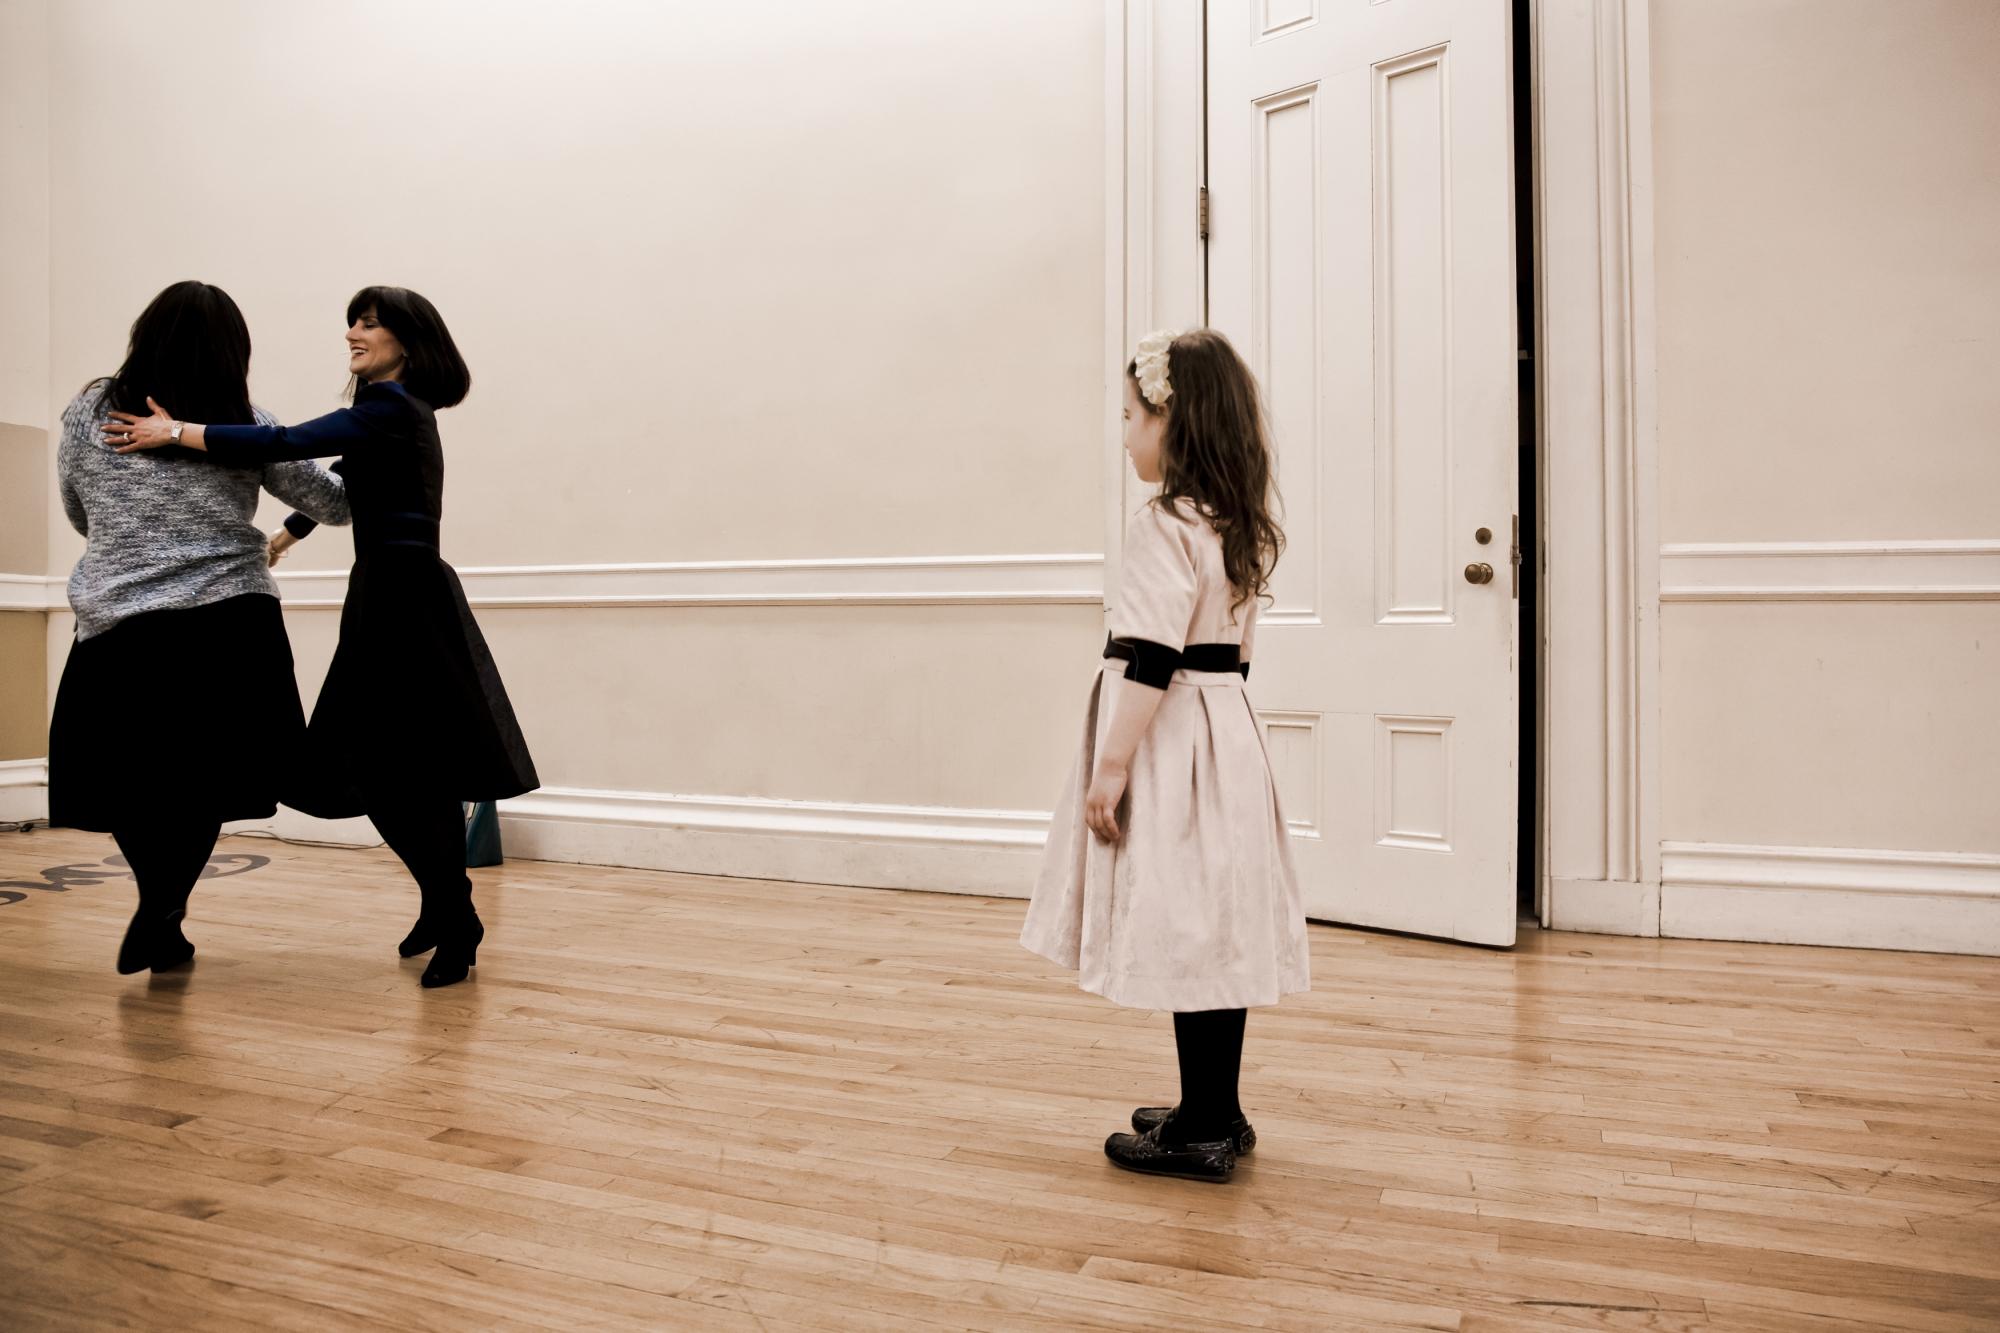 """Ruchie Freier's granddaughter looks on as her grandmother, Rachel """"Ruchie"""" Freier (center) dances with Ruchie's sister, Chavie. Courtesy of Paula Eiselt and Heidi Reinberg"""